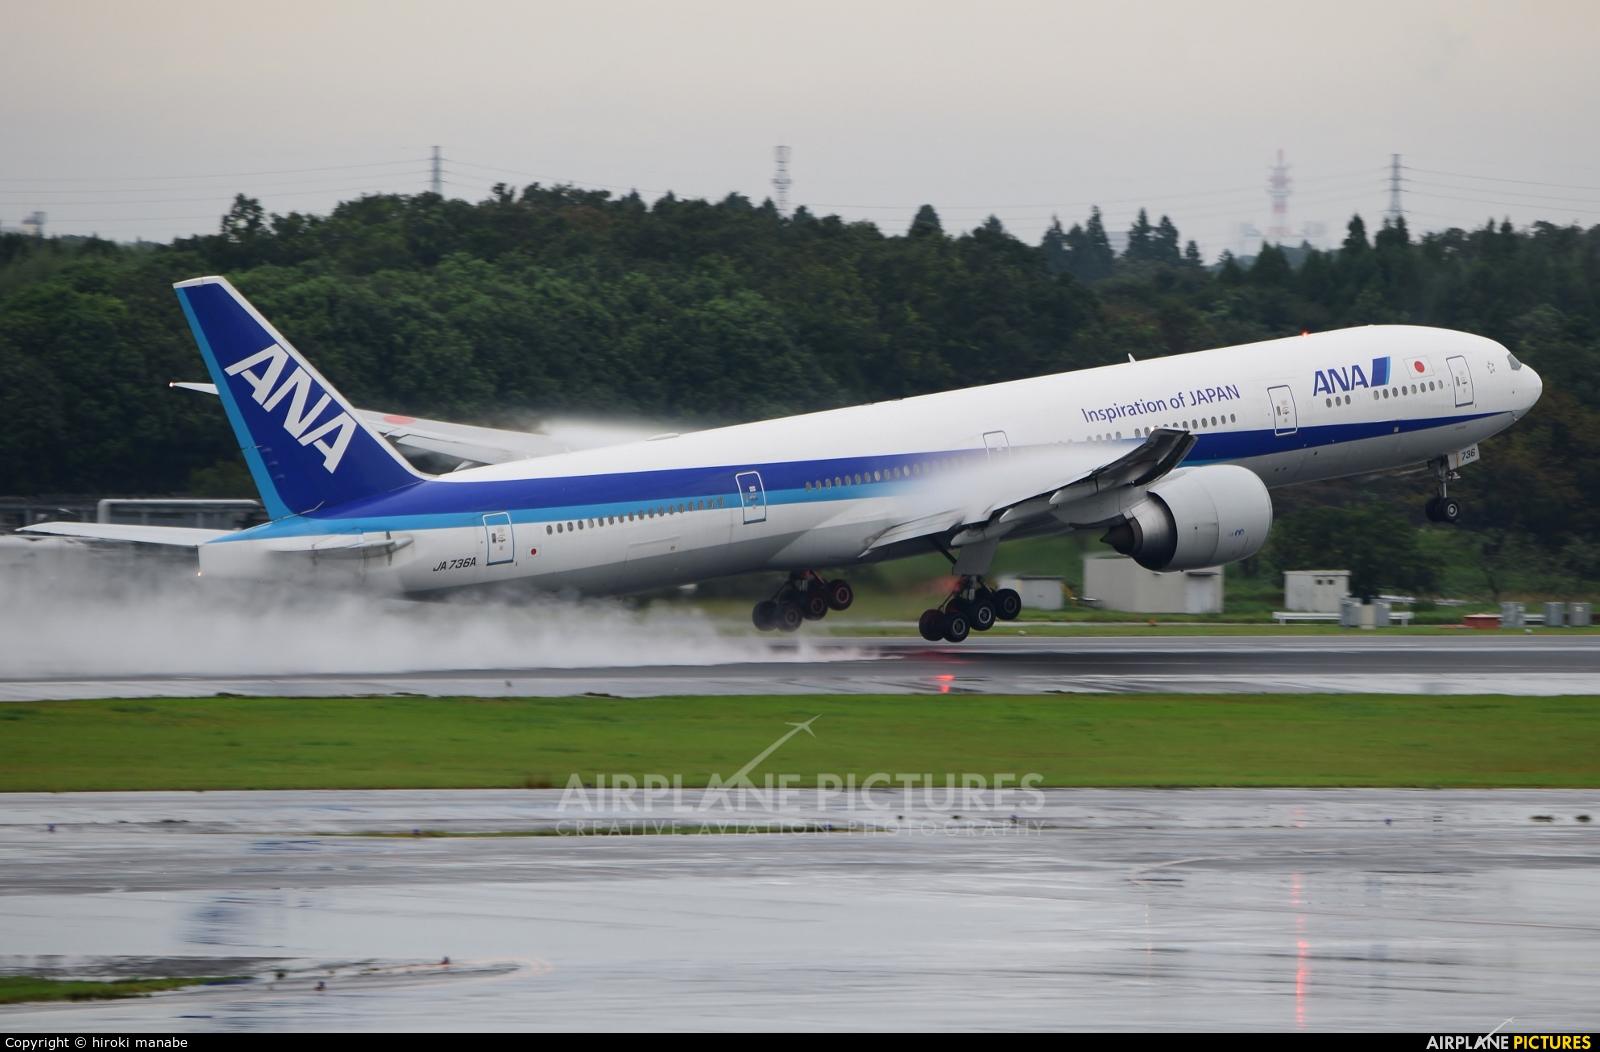 ANA - All Nippon Airways JA736A aircraft at Tokyo - Narita Intl